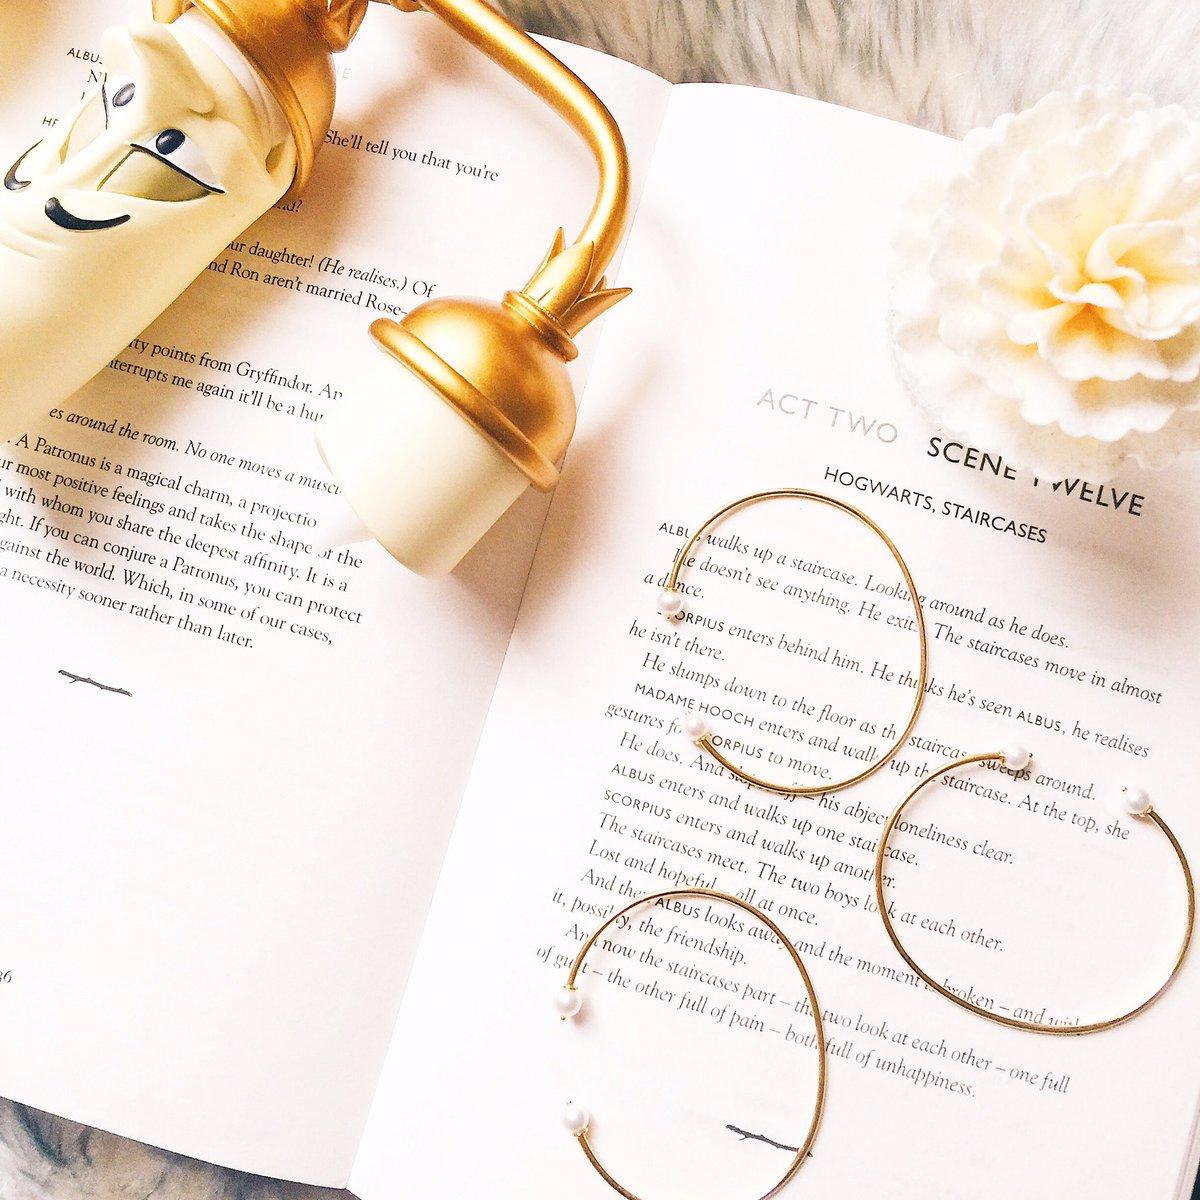 Bracelets 2 perles #Koneety #bijoux #jewellery #fashion #mode #lumiere #disney #BeautyAndTheBeast #labelleetlabete #bracelet #gold #perle<br>http://pic.twitter.com/LinHeeBrCi